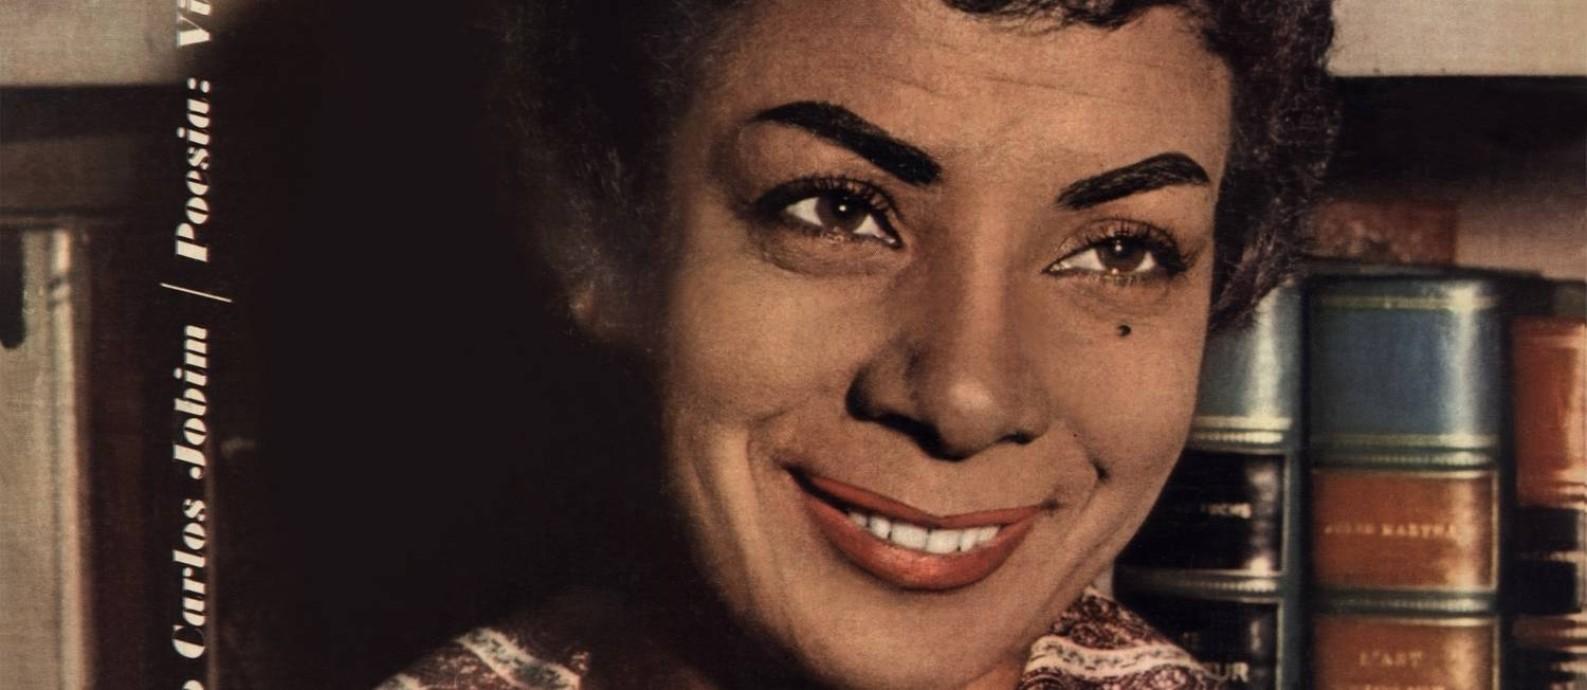 Elizeth Cardoso na capa do disco 'Canção do amor demais' (1958) Foto: Reprodução